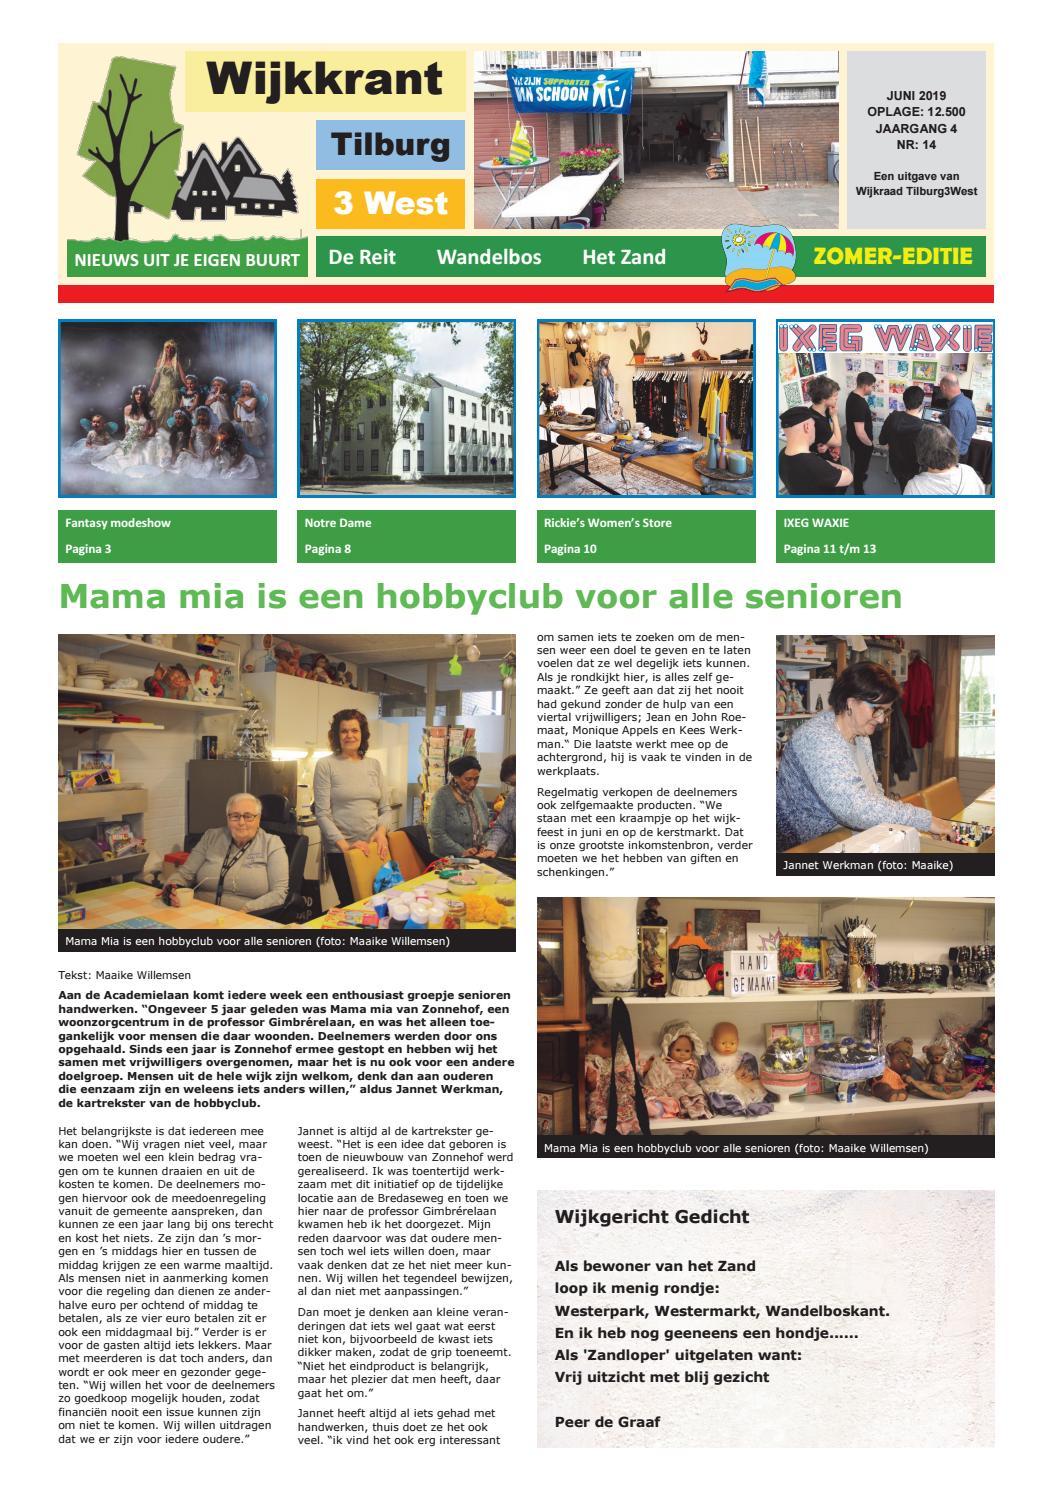 Wijkkrant zomer editie juni 2019 by Wijkraad Tilburg 3 West